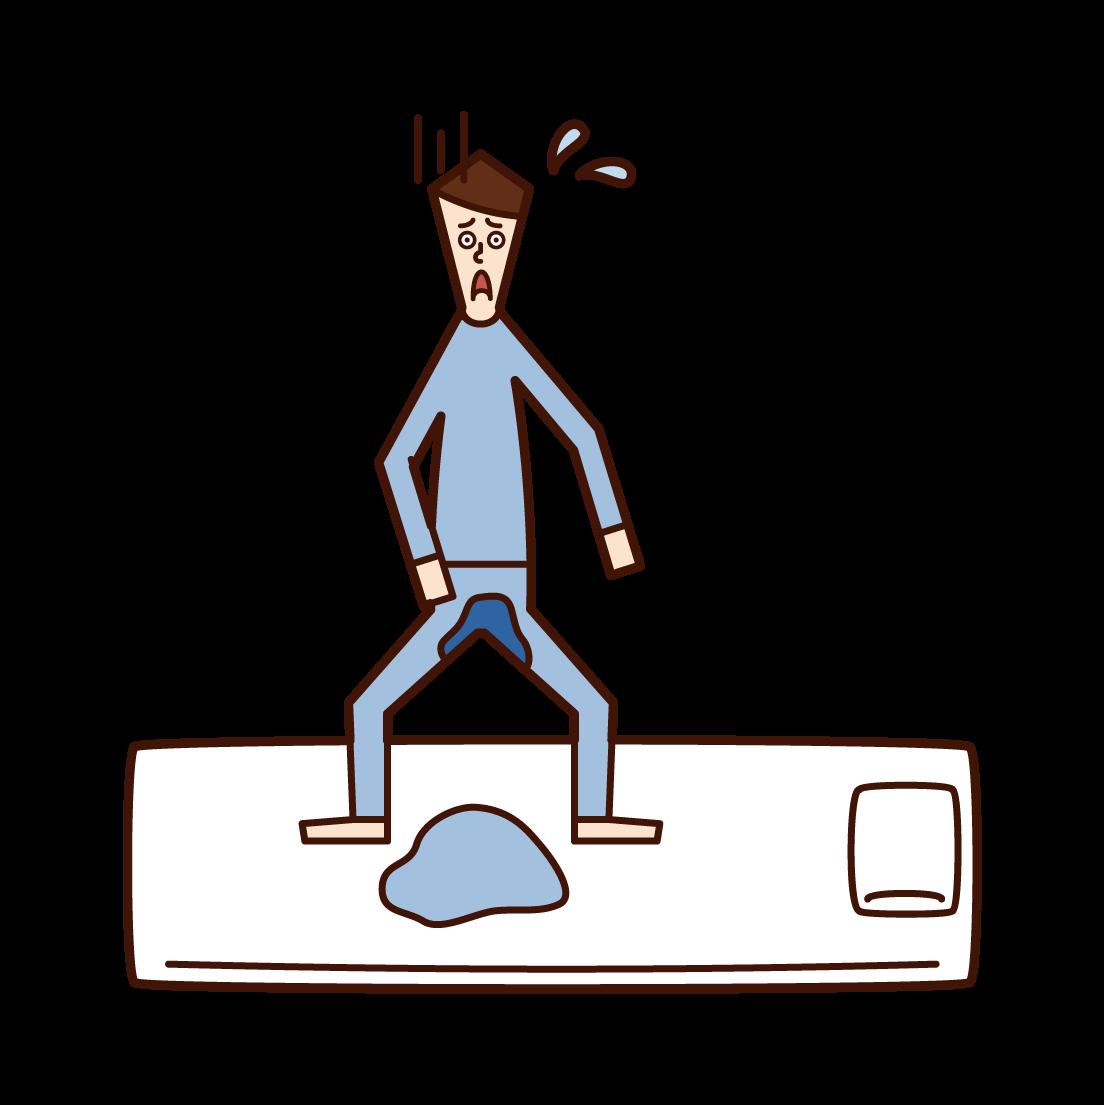 おねしょ・夜尿症(男子)のイラスト